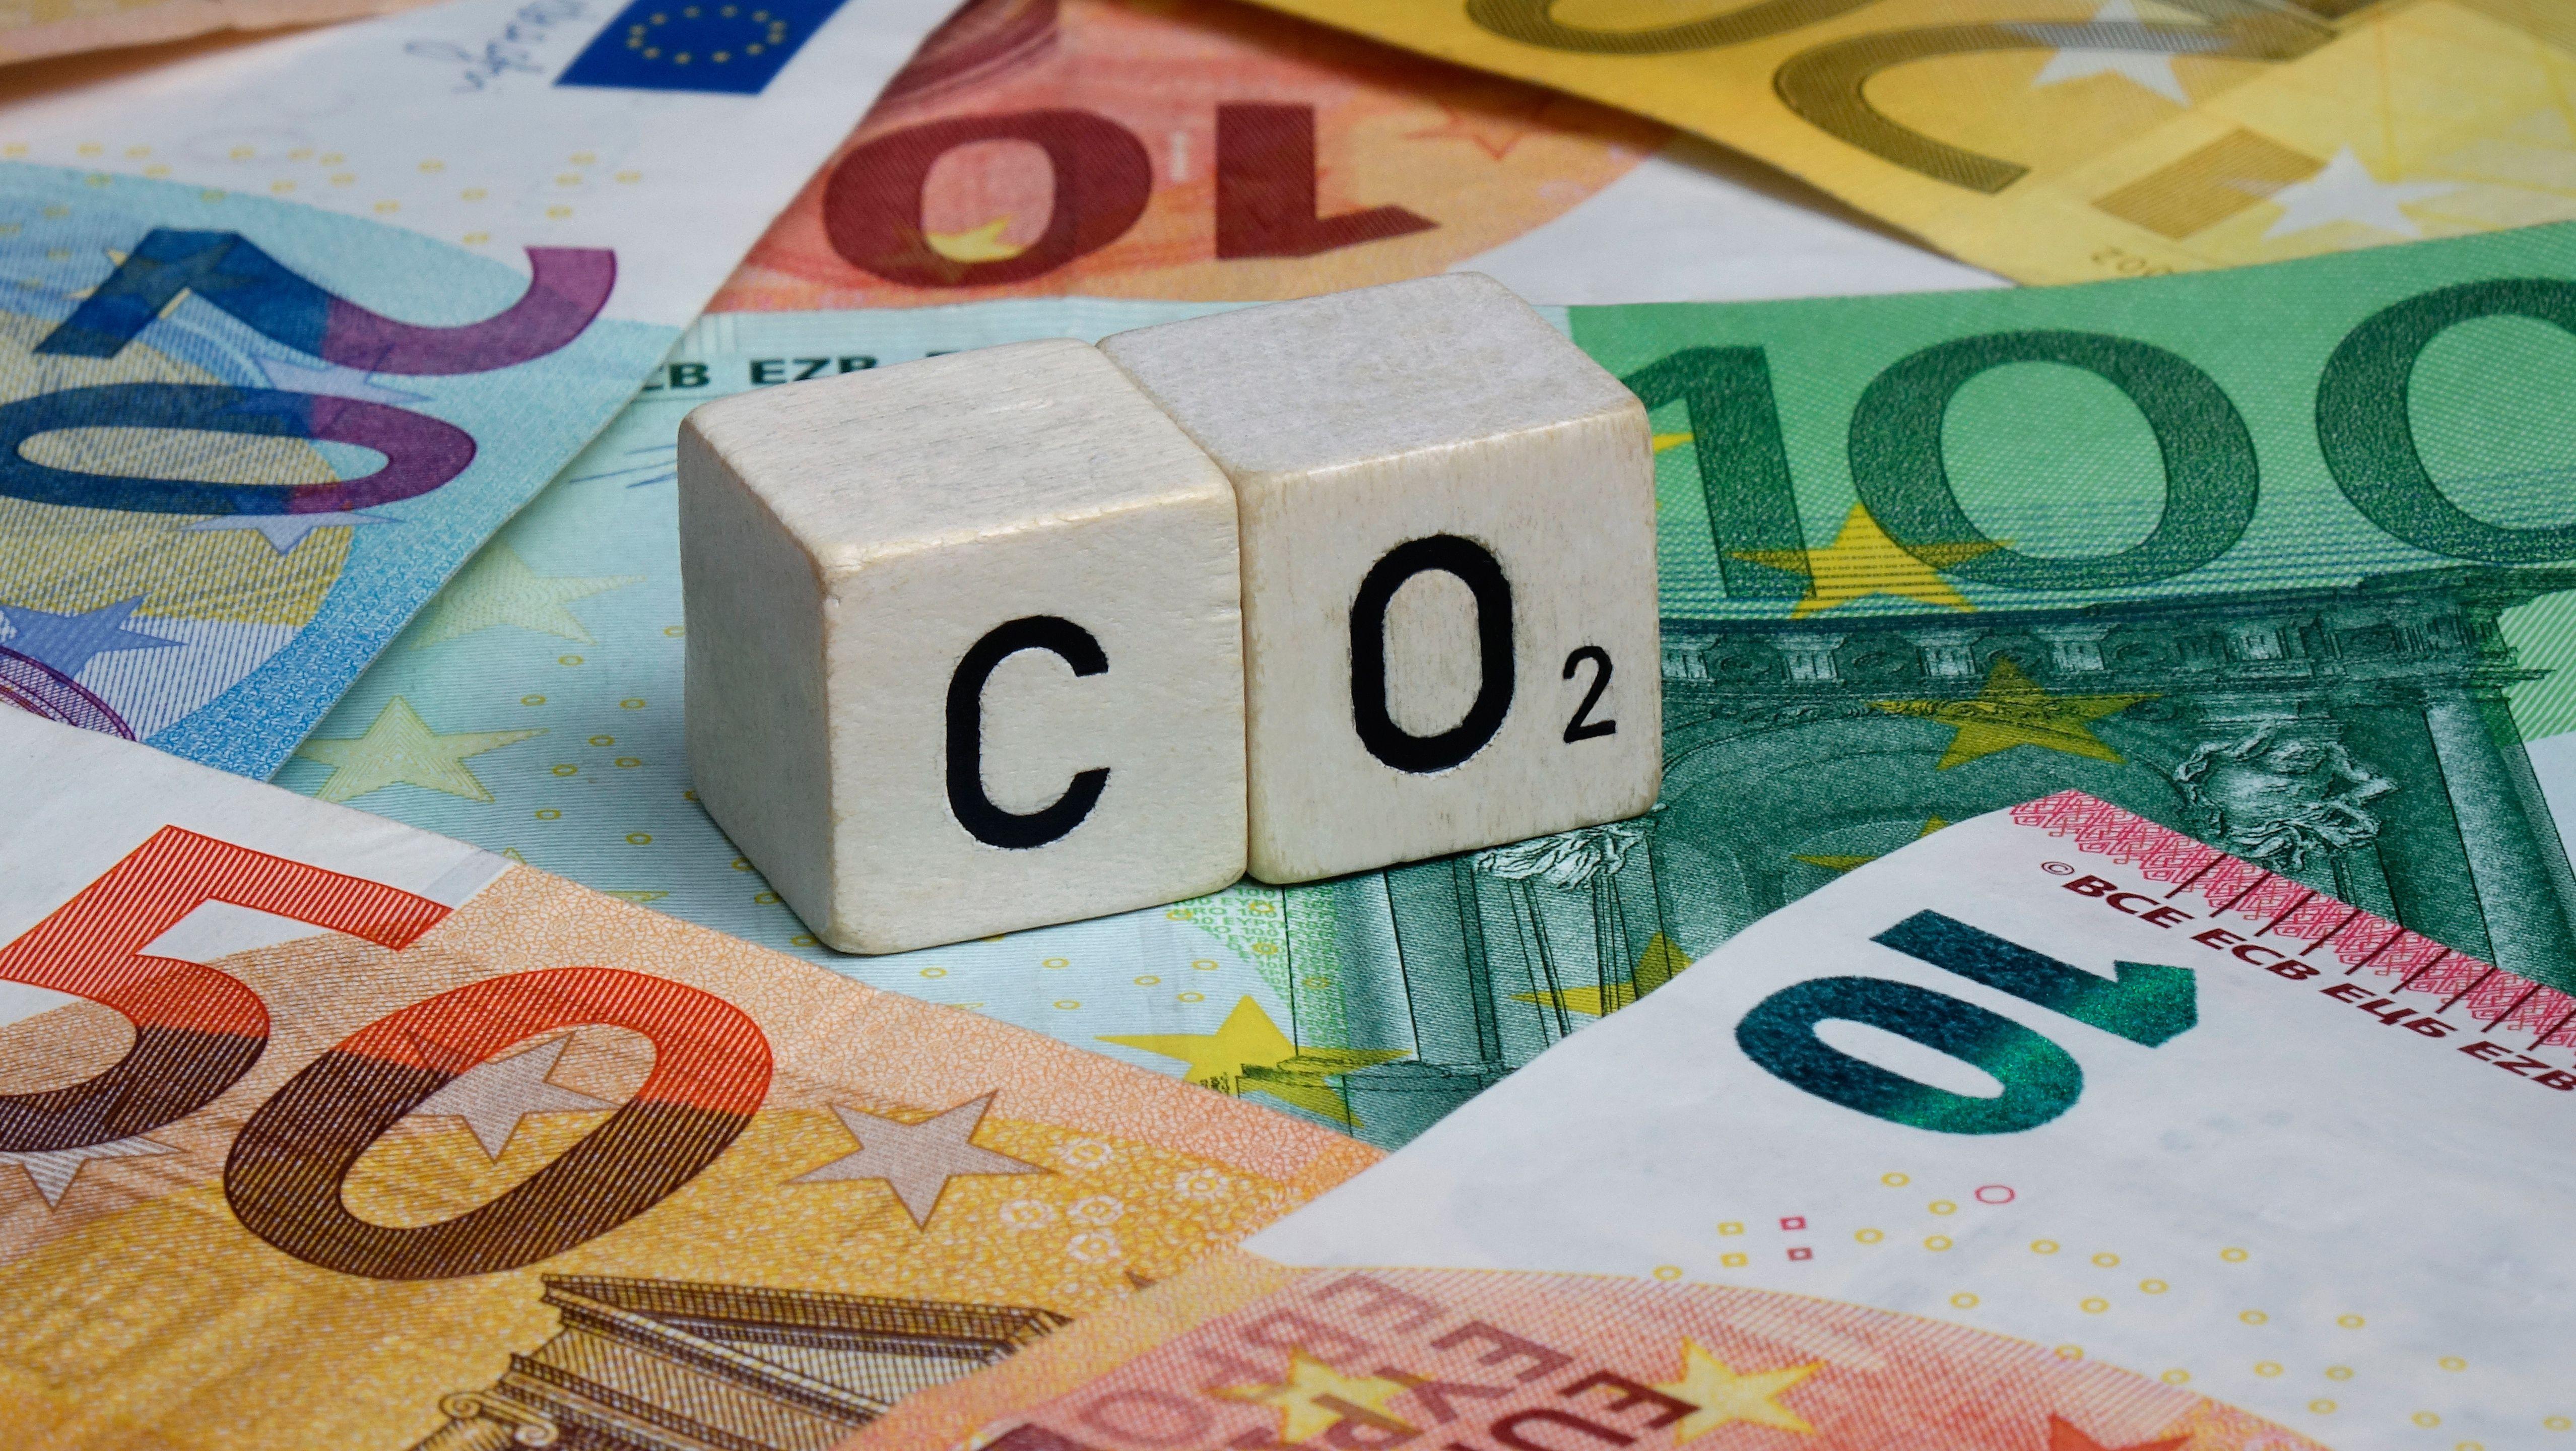 CO2 ist ein Treibhausgas, das die Erderwärmung vorantreibt und deshalb mit Kosten belegt werden soll.